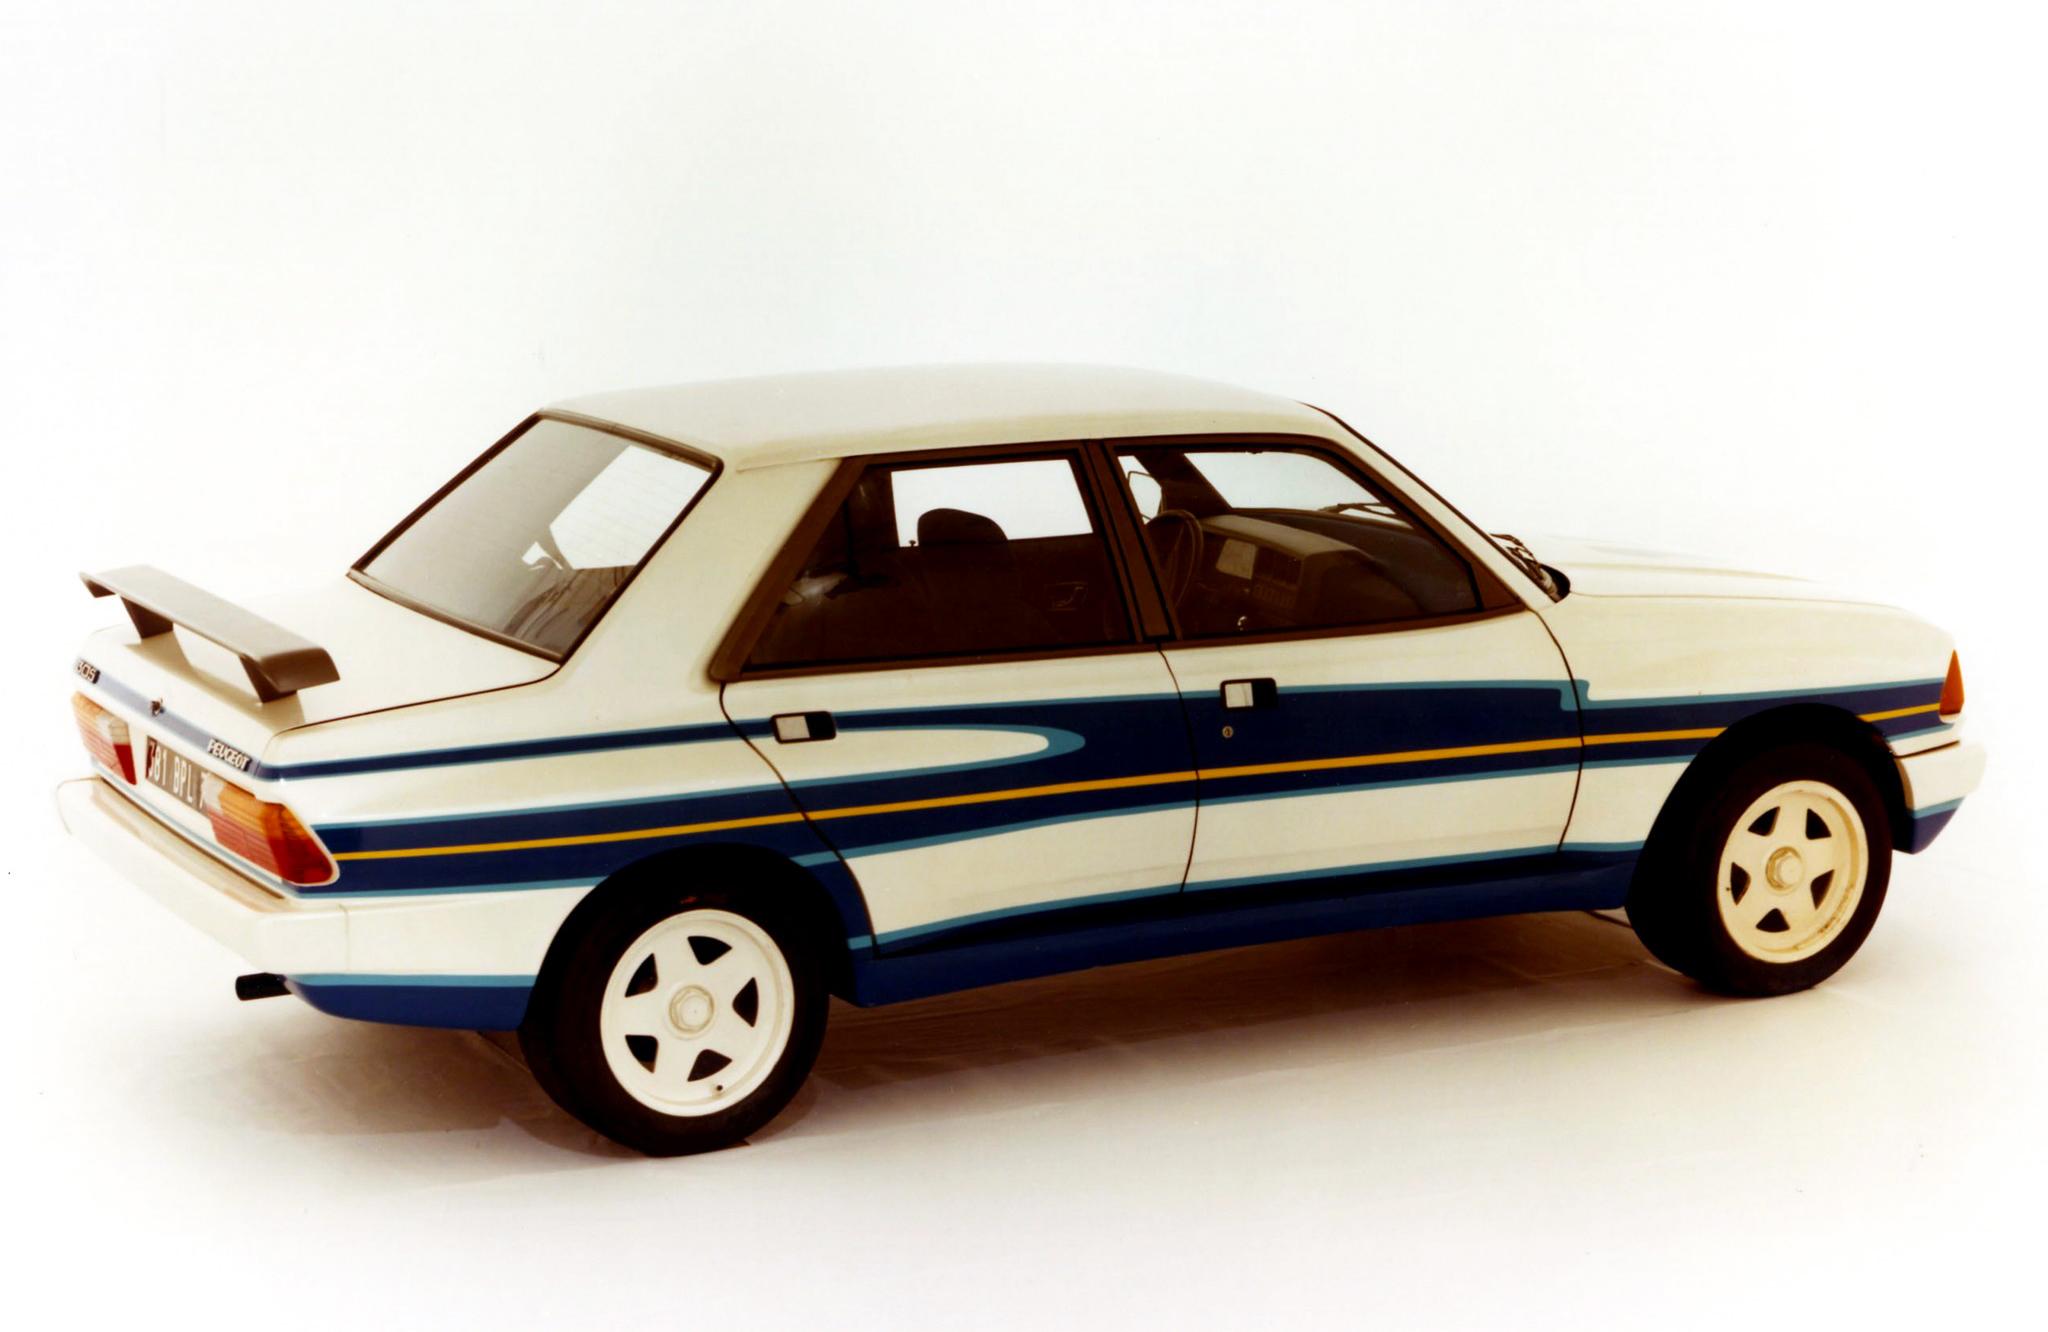 peugeot_305_rallye_v6_prototype_2